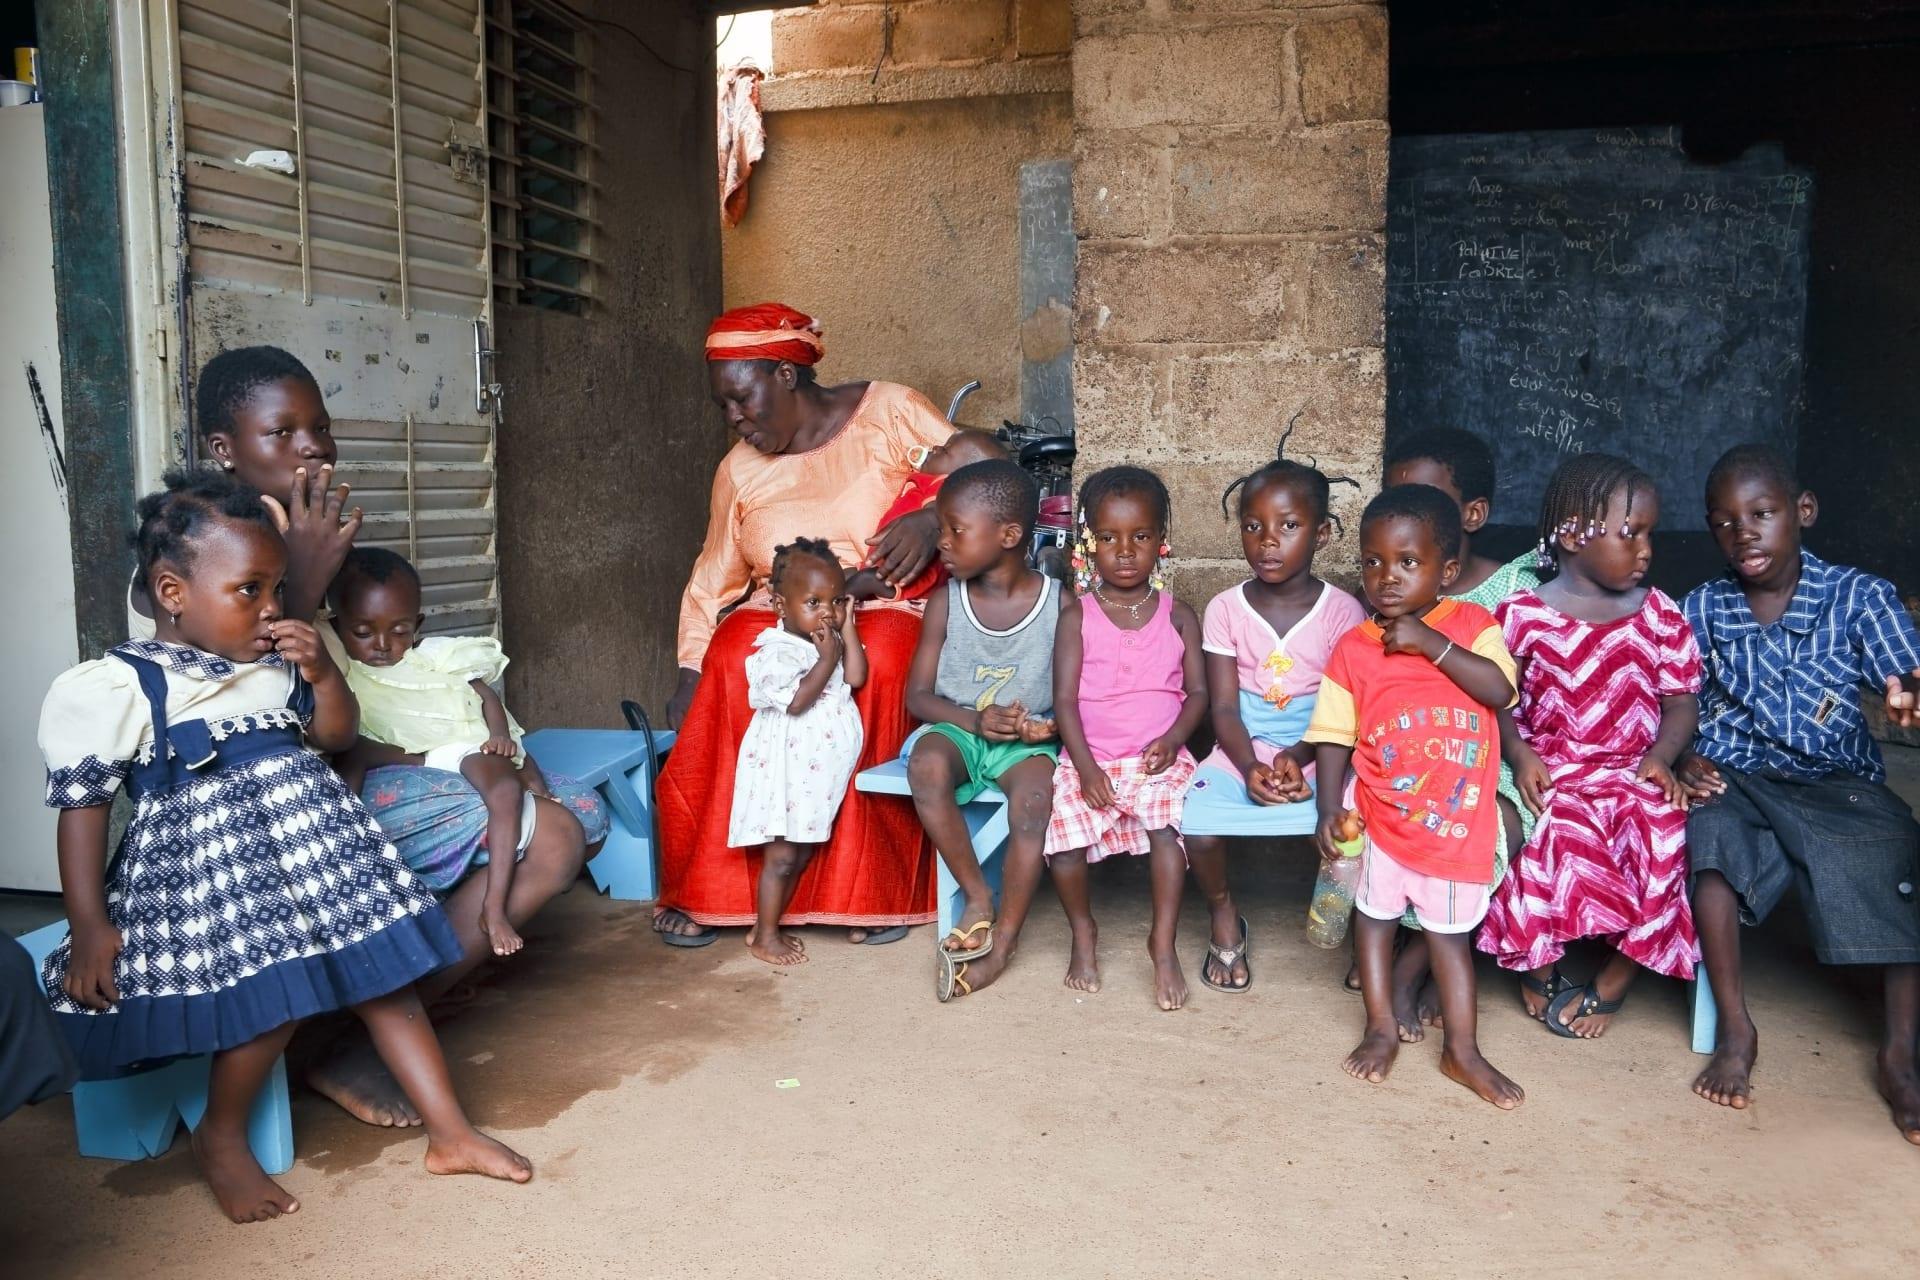 BISHOP ABEL OYARO IN KENYA